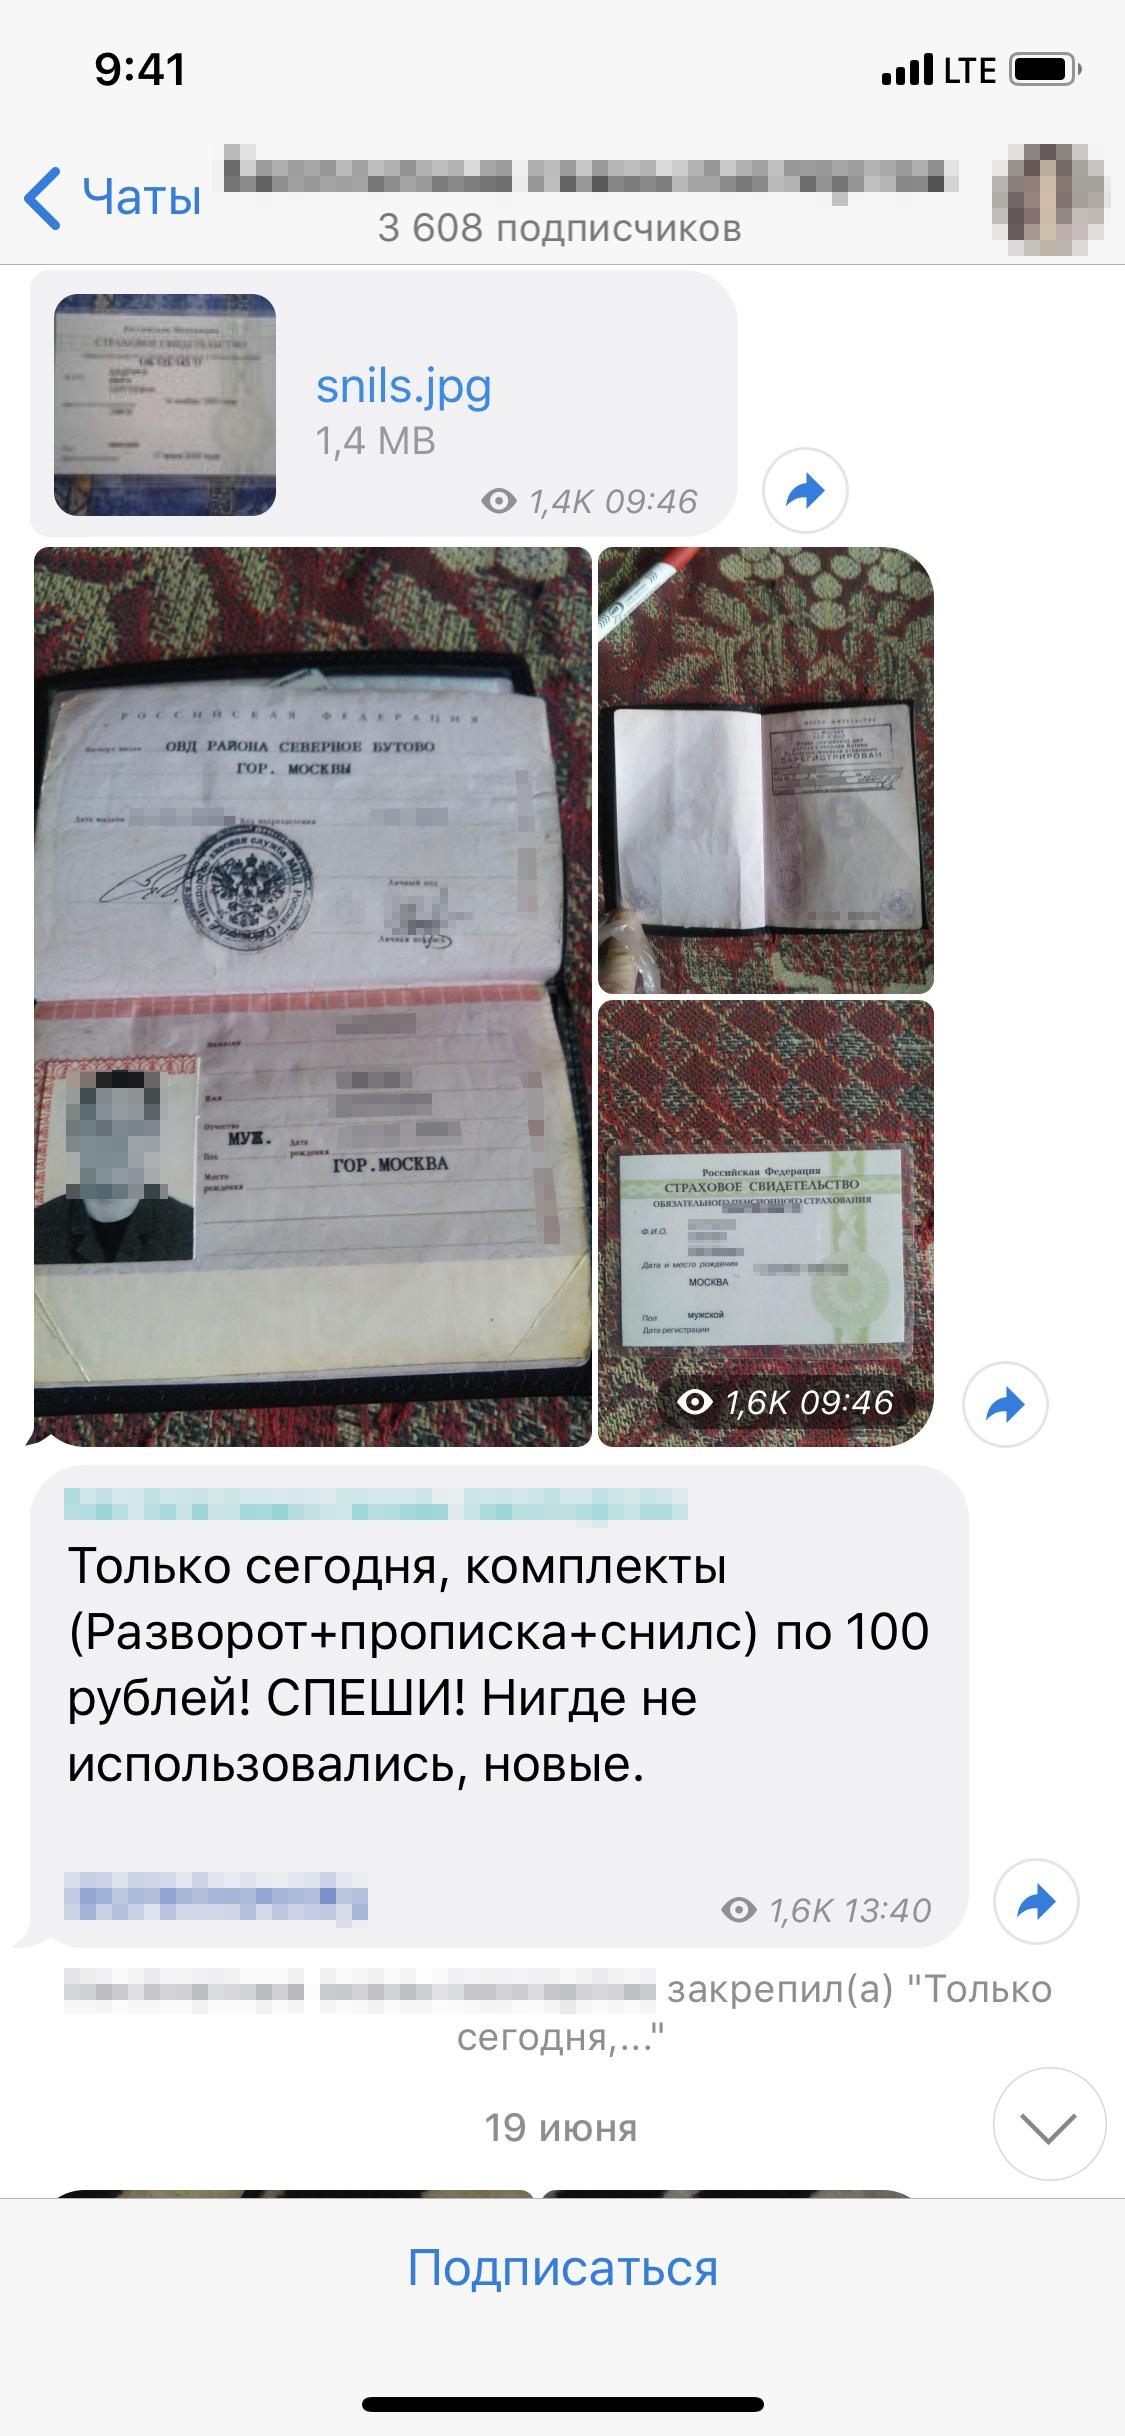 Один из каналов в Телеграме, где можно купить фотографии чужих документов — паспортов, СНИЛС